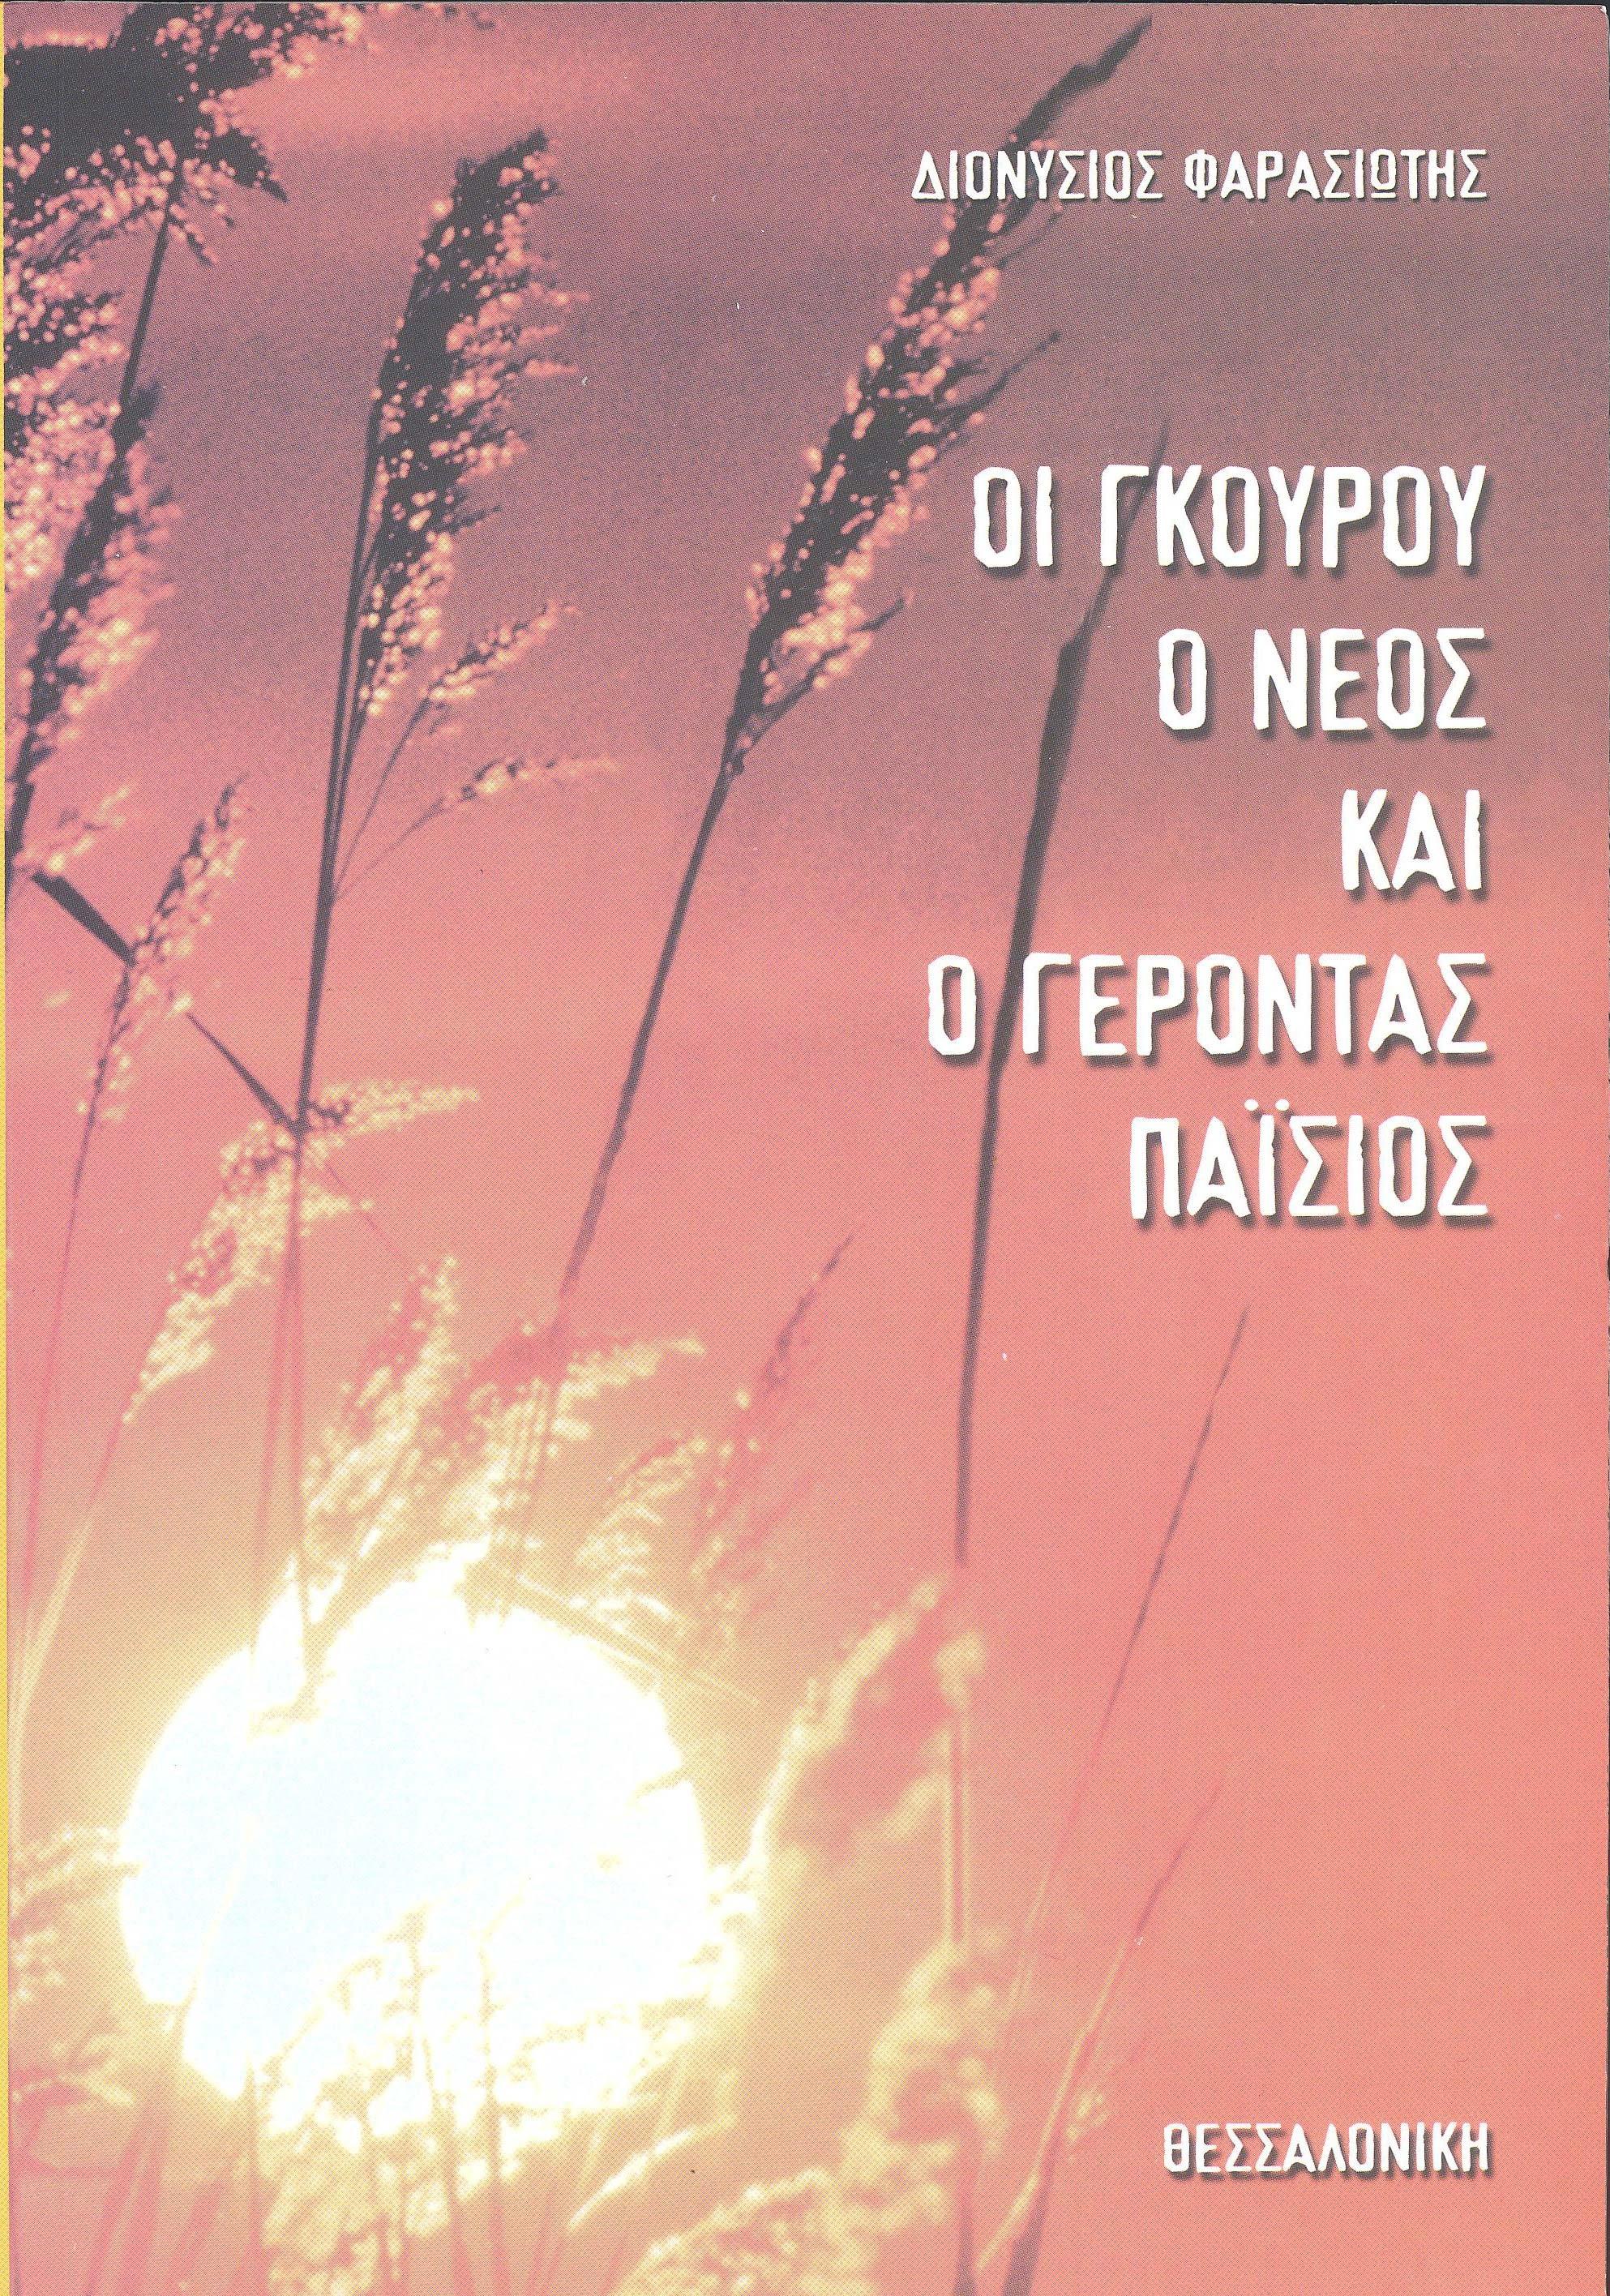 Συνεργαζόμενες Εκδόσεις ΟΙ ΓΚΟΥΡΟΥ, Ο ΝΕΟΣ ΚΑΙ Ο ΓΕΡΟΝΤΑΣ ΠΑΪΣΙΟΣ